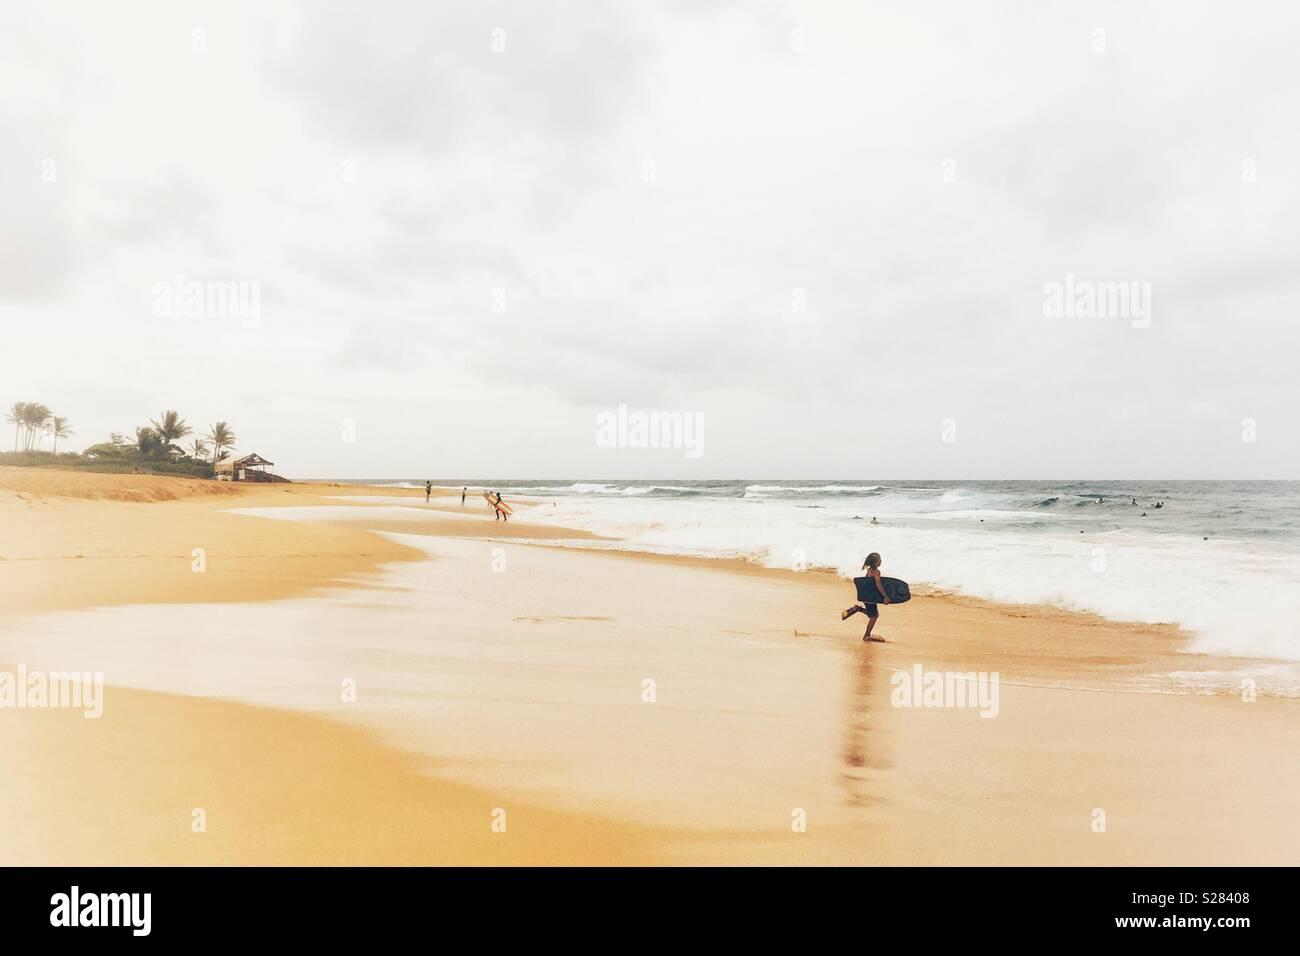 Un boogie boarder uomo che indossa le pinne corte in esecuzione su una spiaggia nell'oceano. Spazio per la copia. Immagini Stock